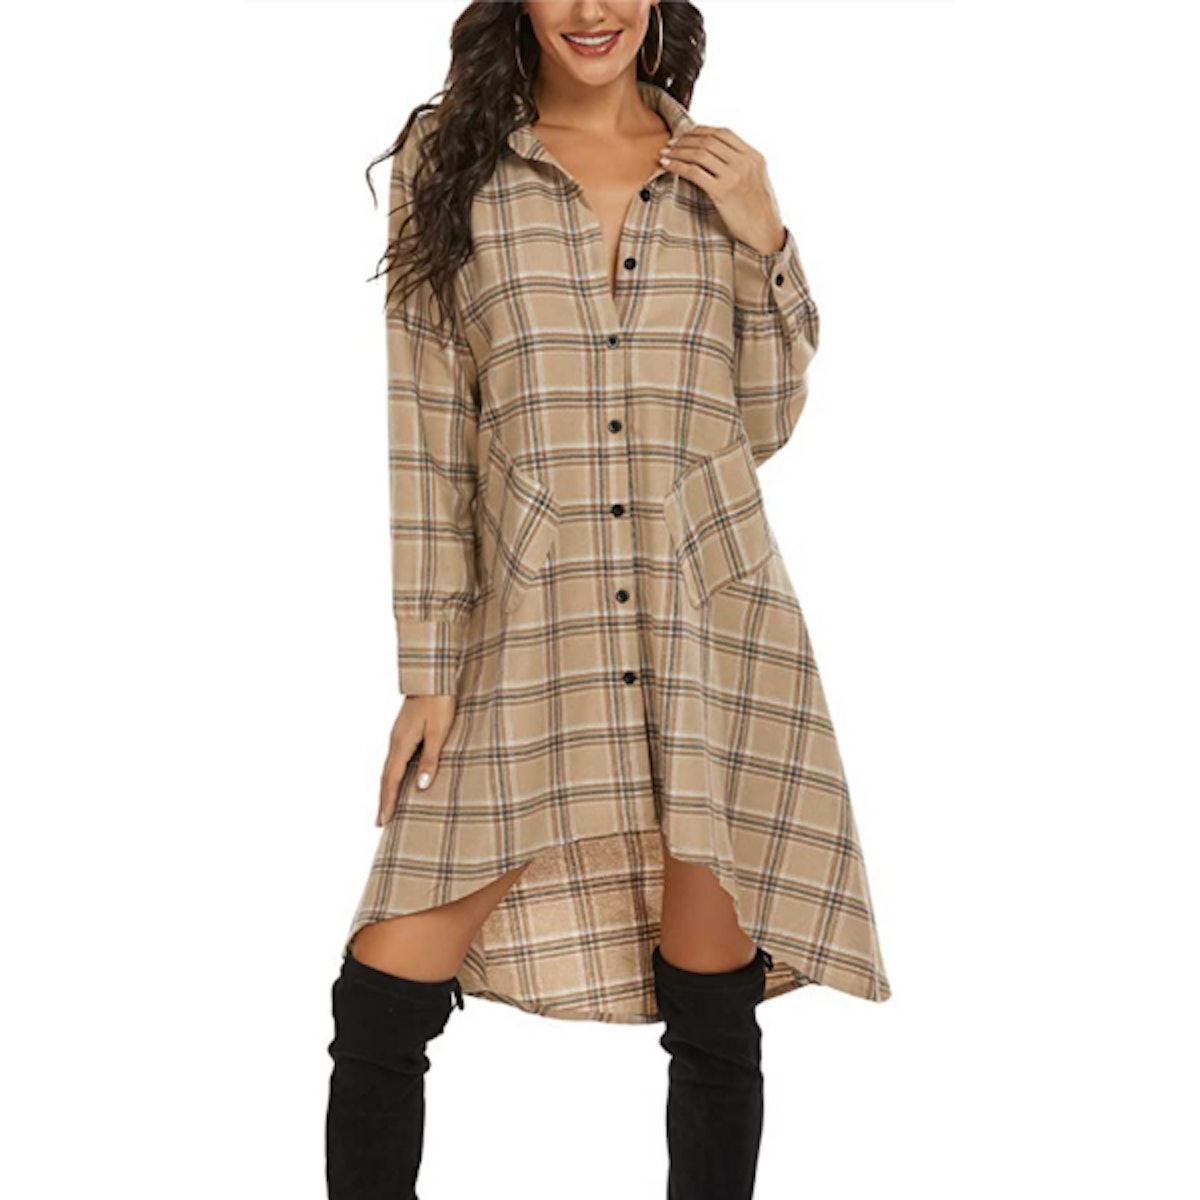 OLRAIN Shirt Dress